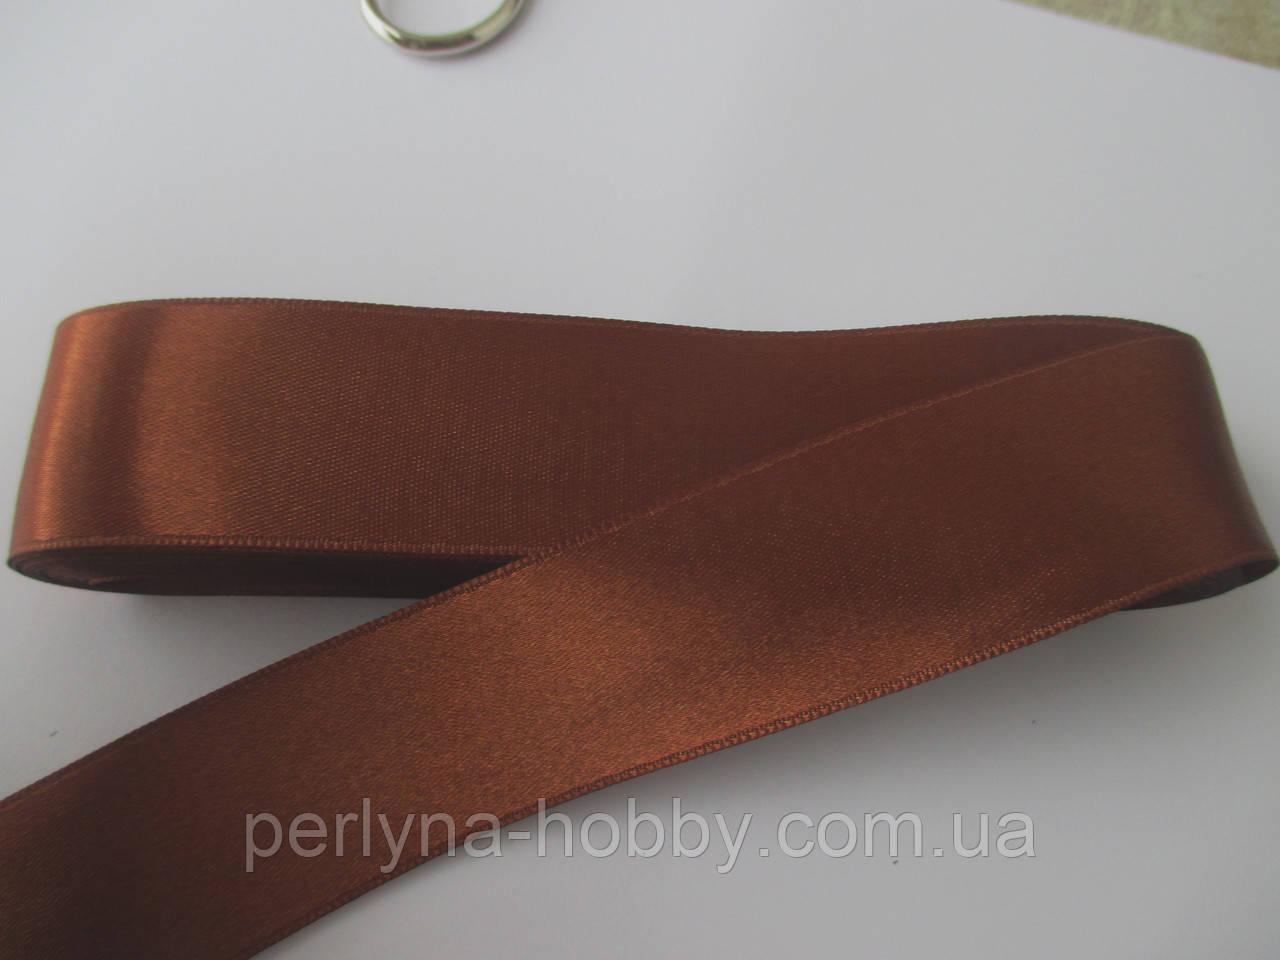 Стрічка атласна  двостороння 3 см ( 10 метрів) коричнево-рудий